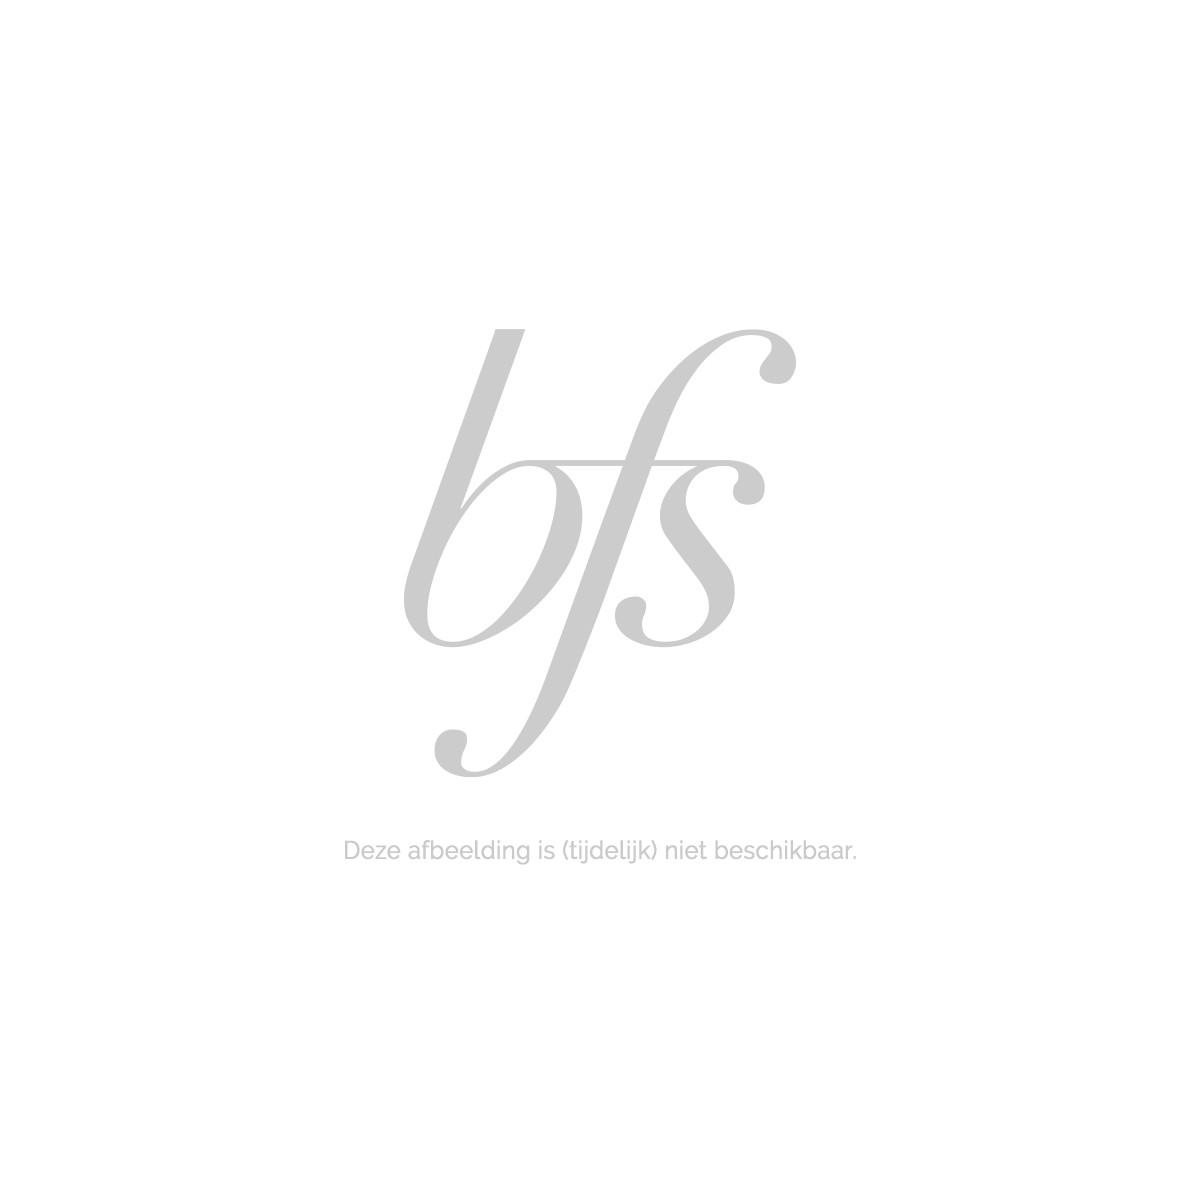 Chanel Poudre Universelle Compacte #50 Peche 15 gr